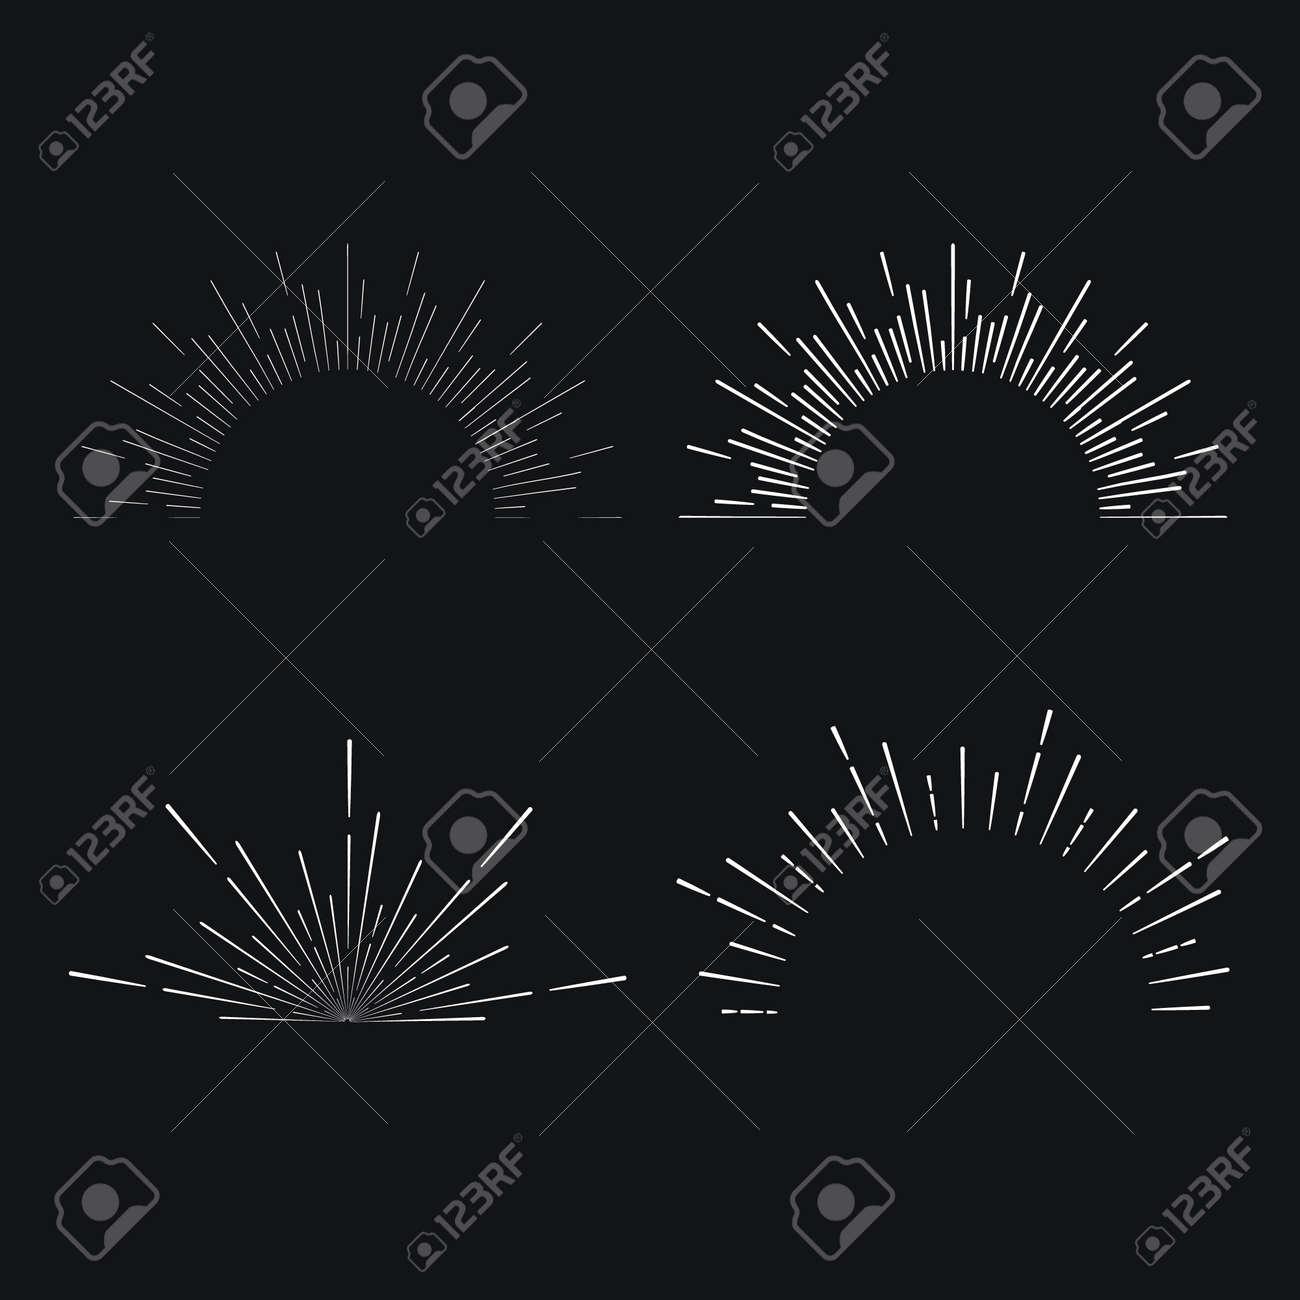 Set of vintage linear sunbursts. Vector illustration - 39711376